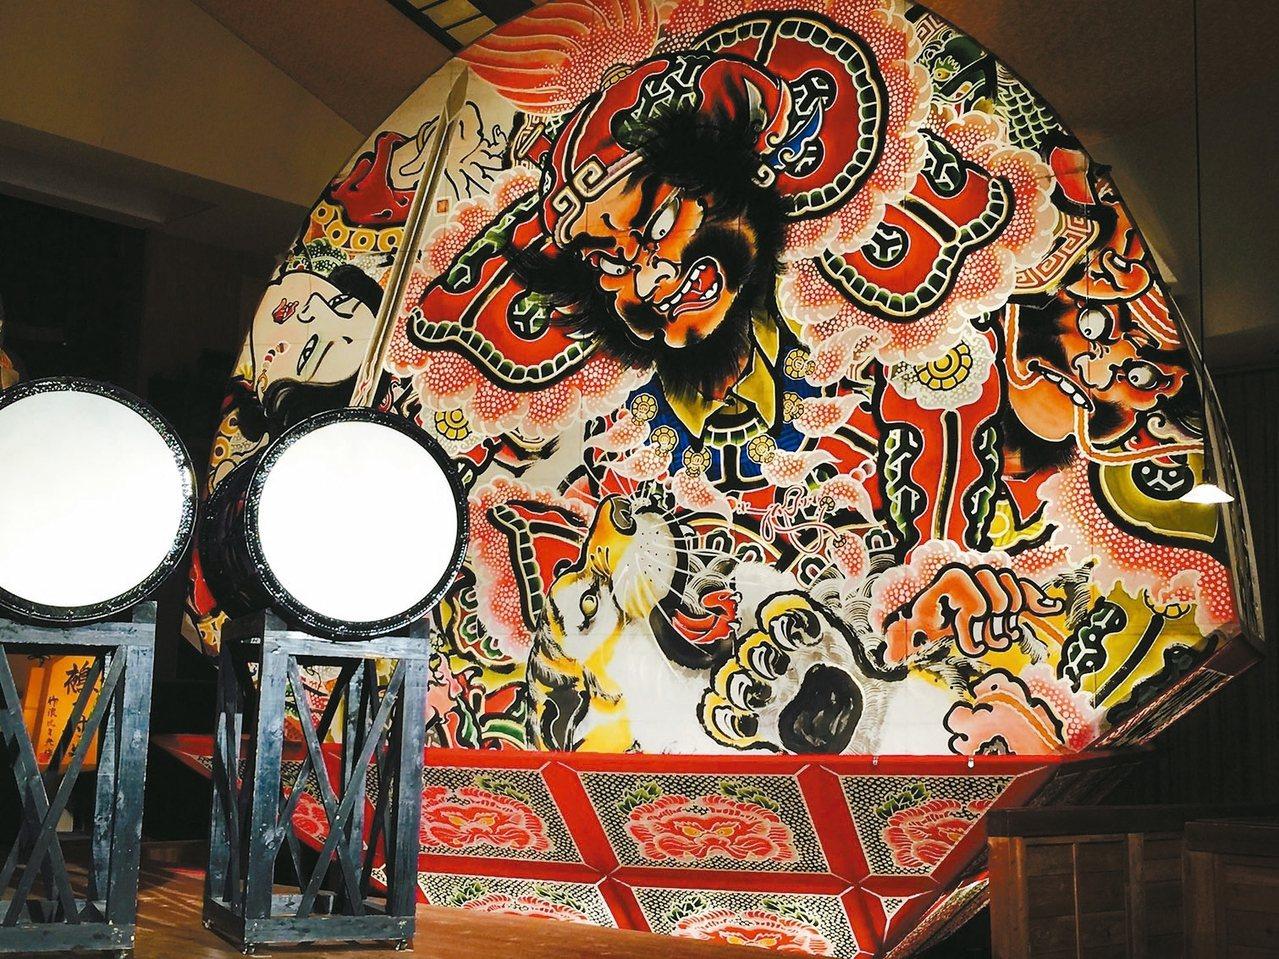 弘前睡魔祭的招牌花燈,極具異國情調。 記者錢欽青/攝影 圖/業者提供